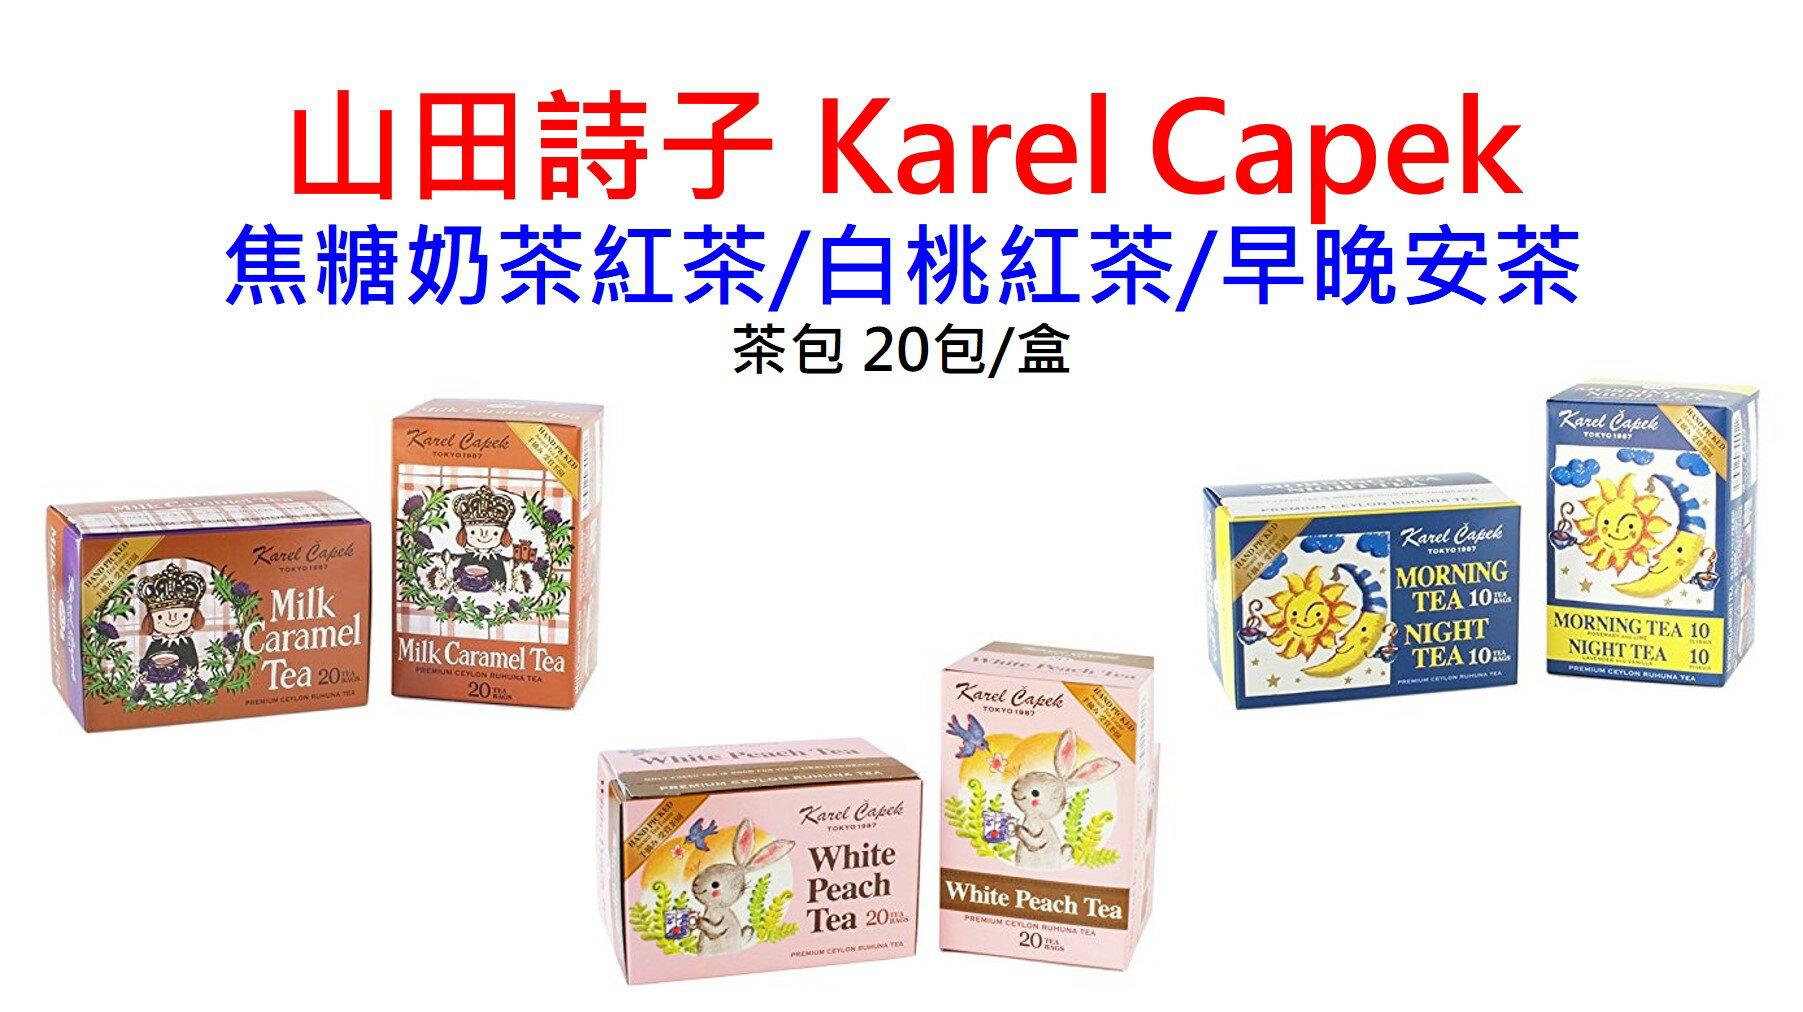 《現貨》山田詩子 Karel Capek 焦糖奶茶紅茶茶包/白桃紅茶茶包/早晚安茶包 20包